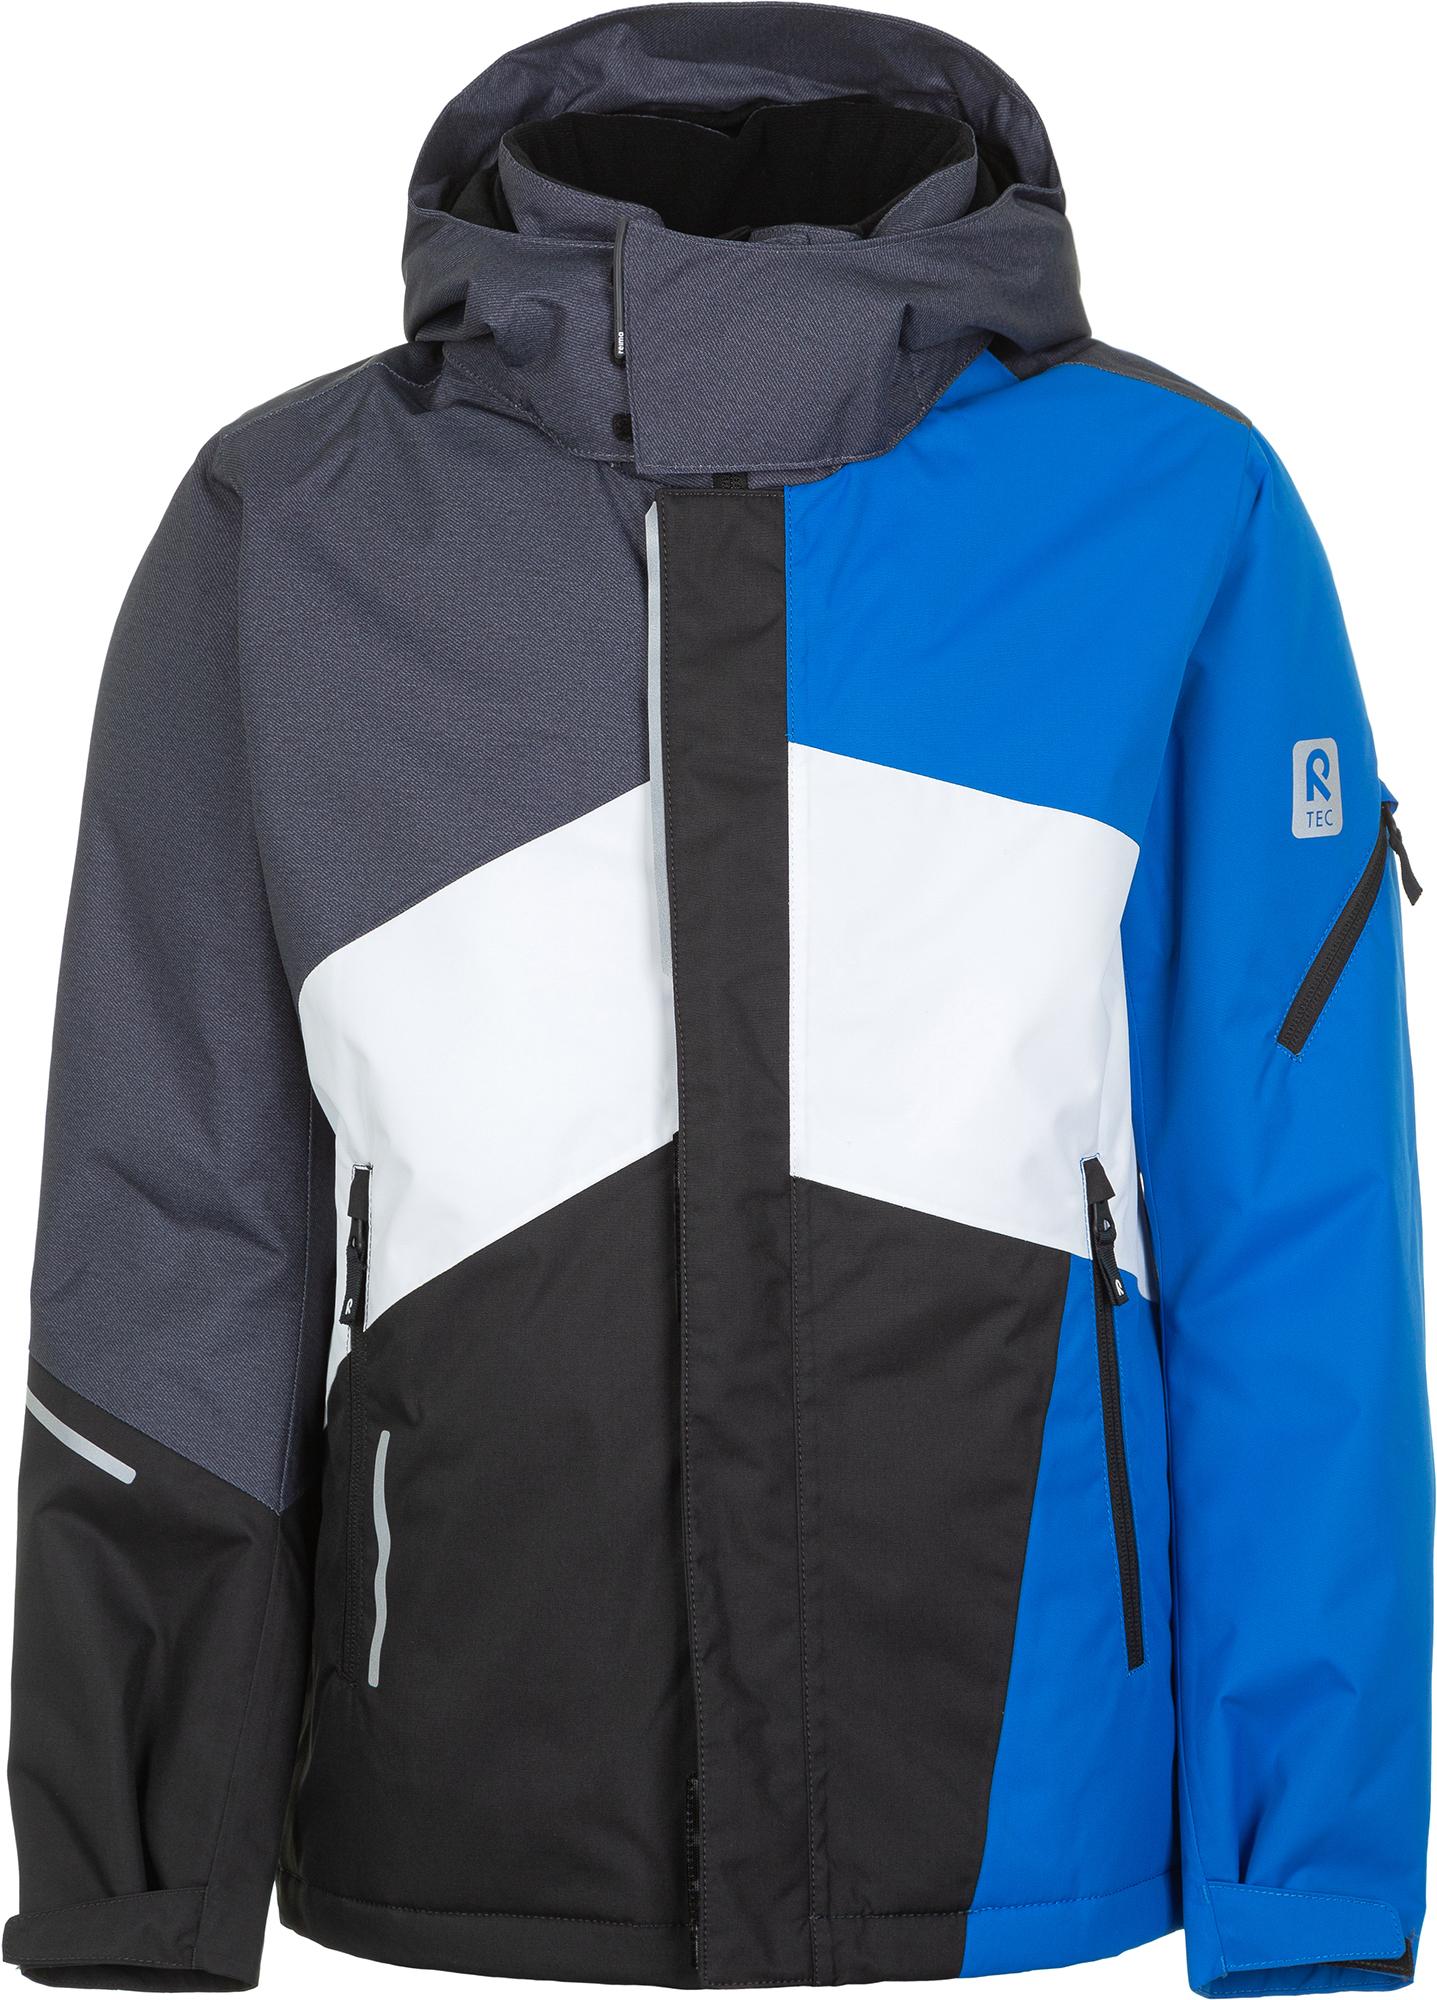 Reima Куртка утепленная для мальчиков Laks, размер 158